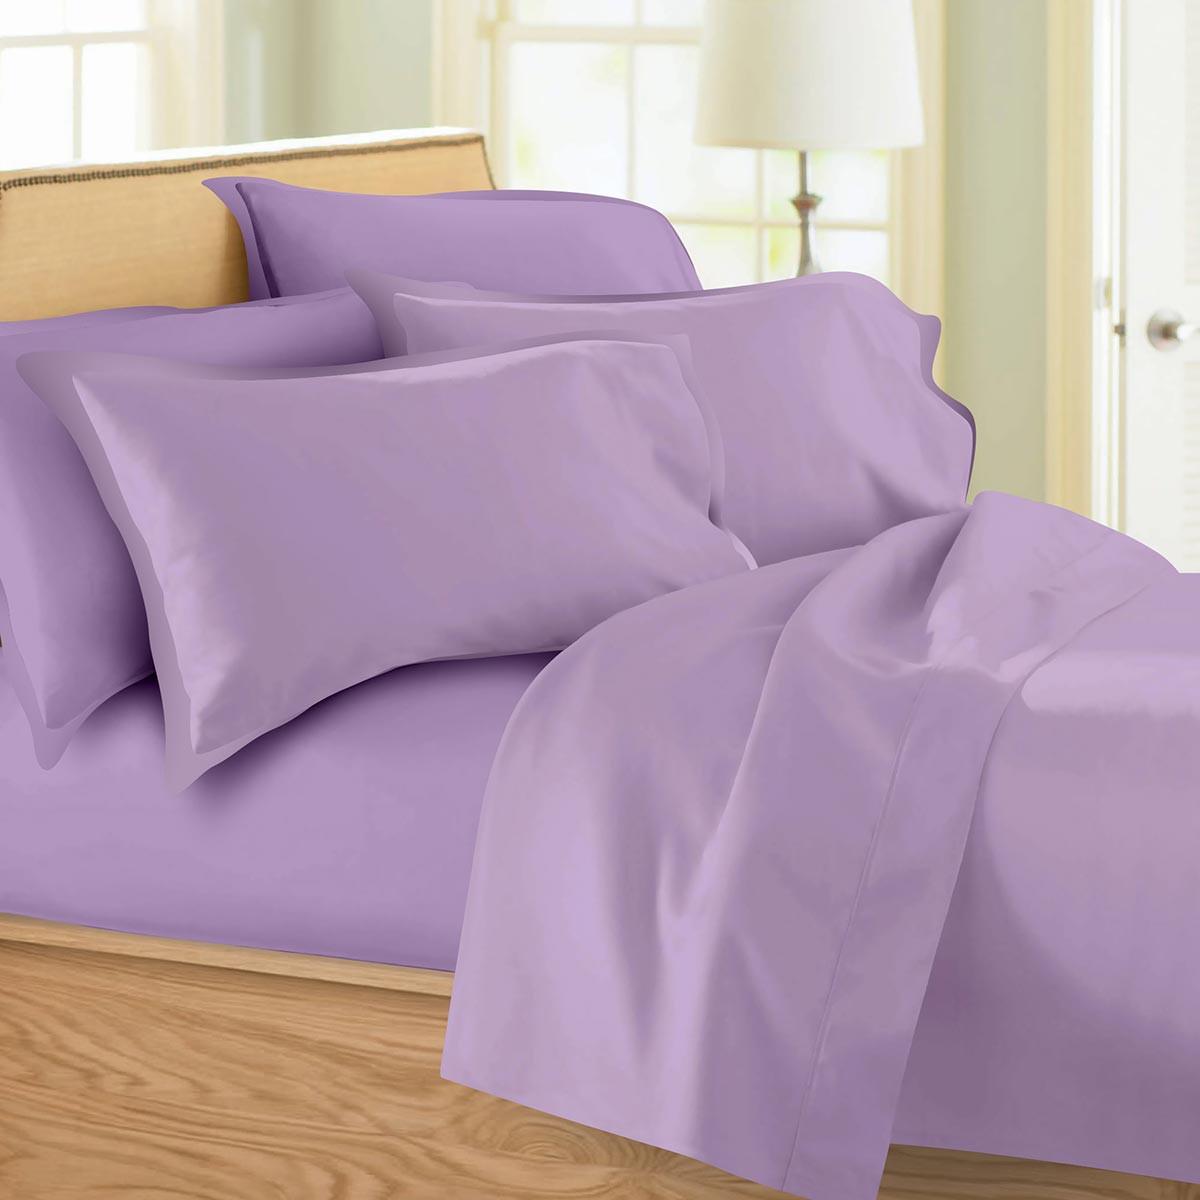 Σεντόνια Υπέρδιπλα (Σετ) Maison Blanche 62002 Lilac/Lilac